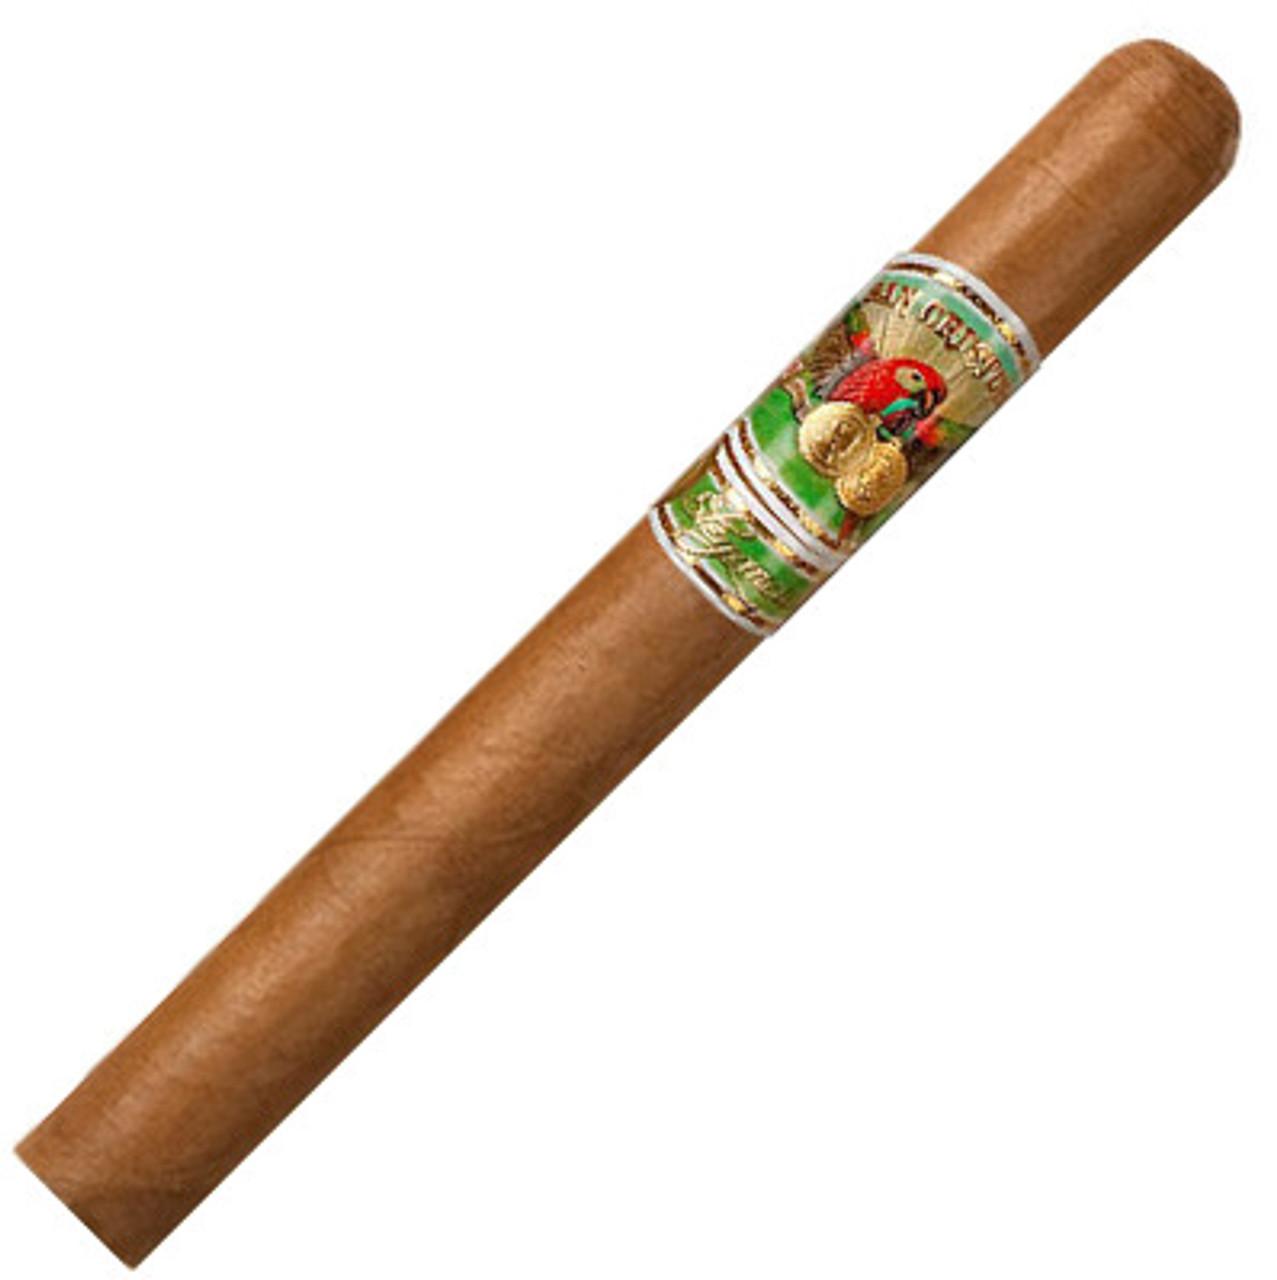 San Cristobal Elegancia Churchill Cigars - 7 x 50 (Box of 25)